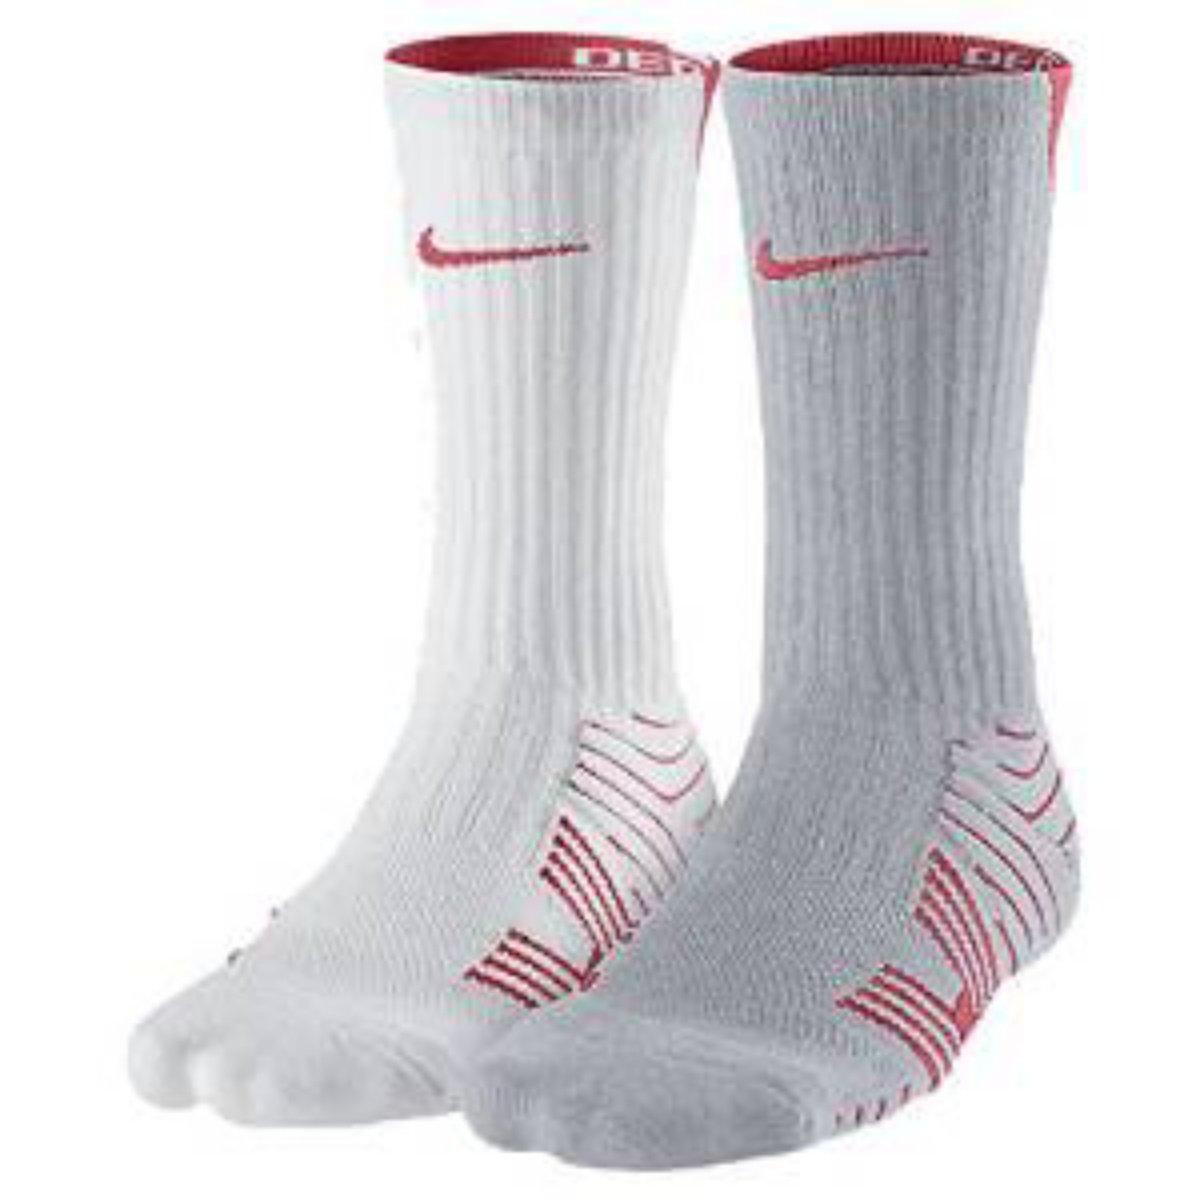 Nike Crew Calcetines - 2 par Rendimiento - Balón de fútbol, Color Blanco/Gris/Rojo 3Y-5Y: Amazon.es: Deportes y aire libre